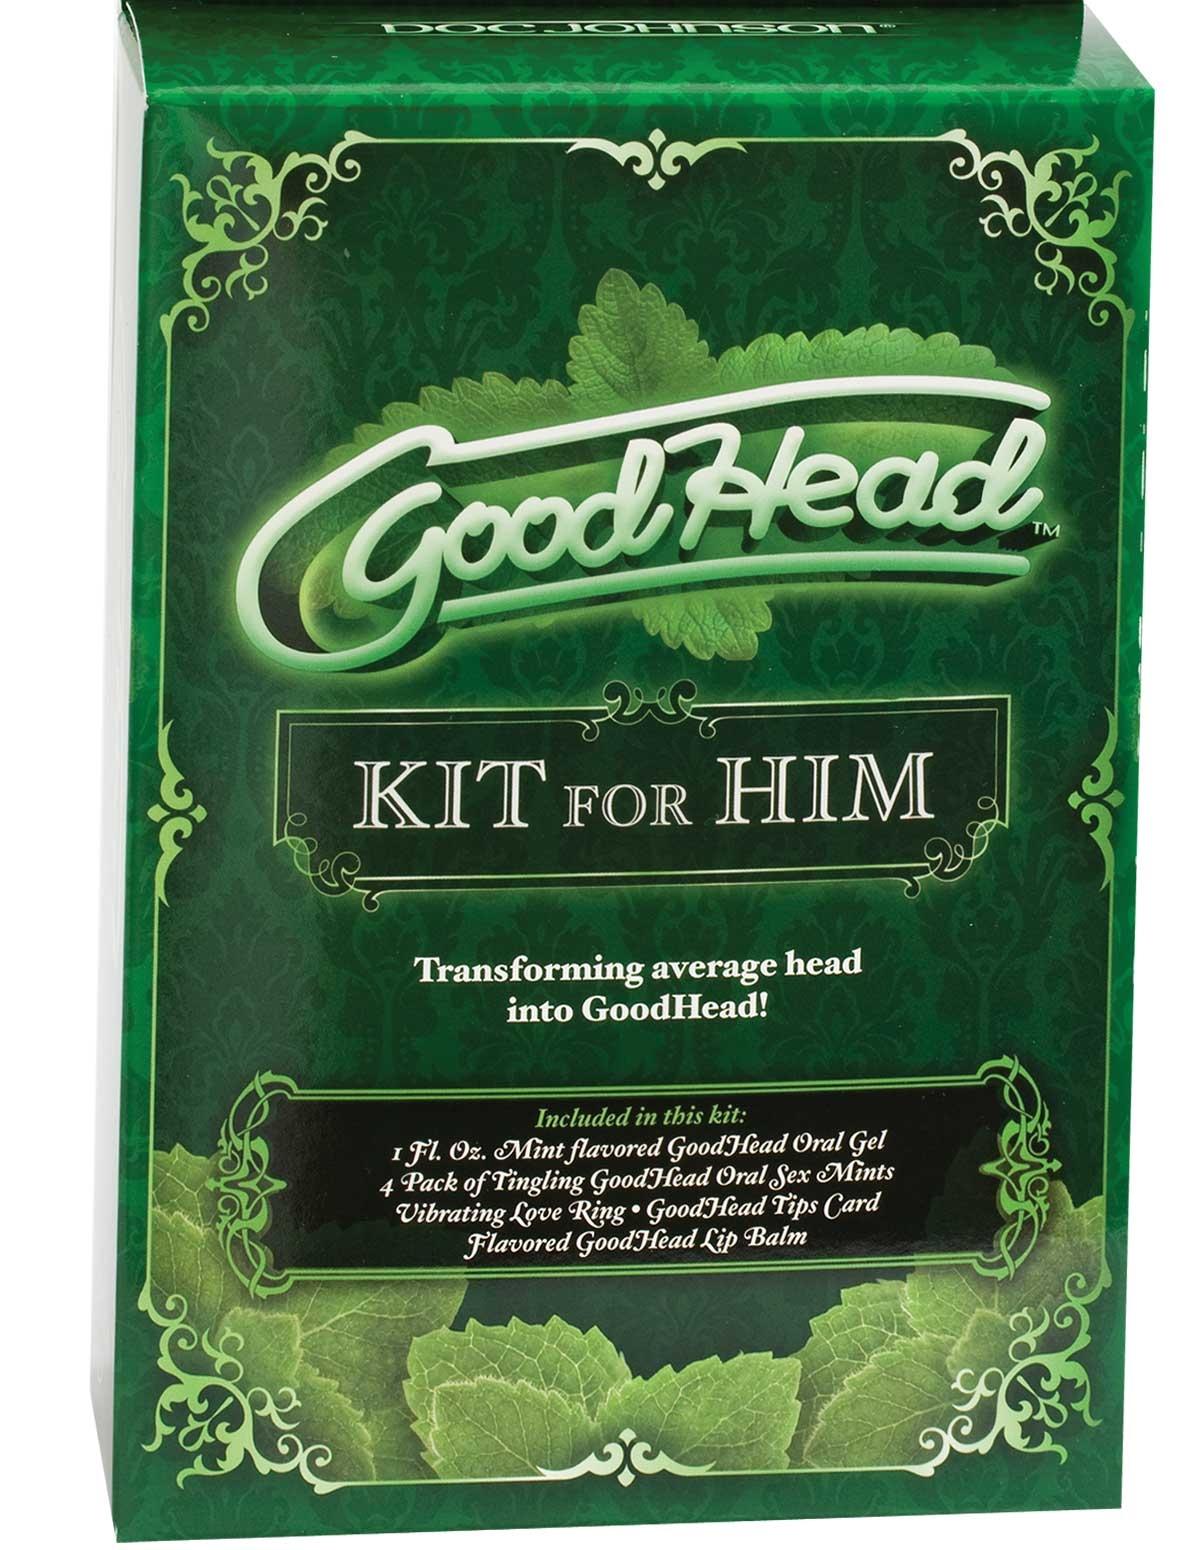 Goodhead Kit For Him-Mint